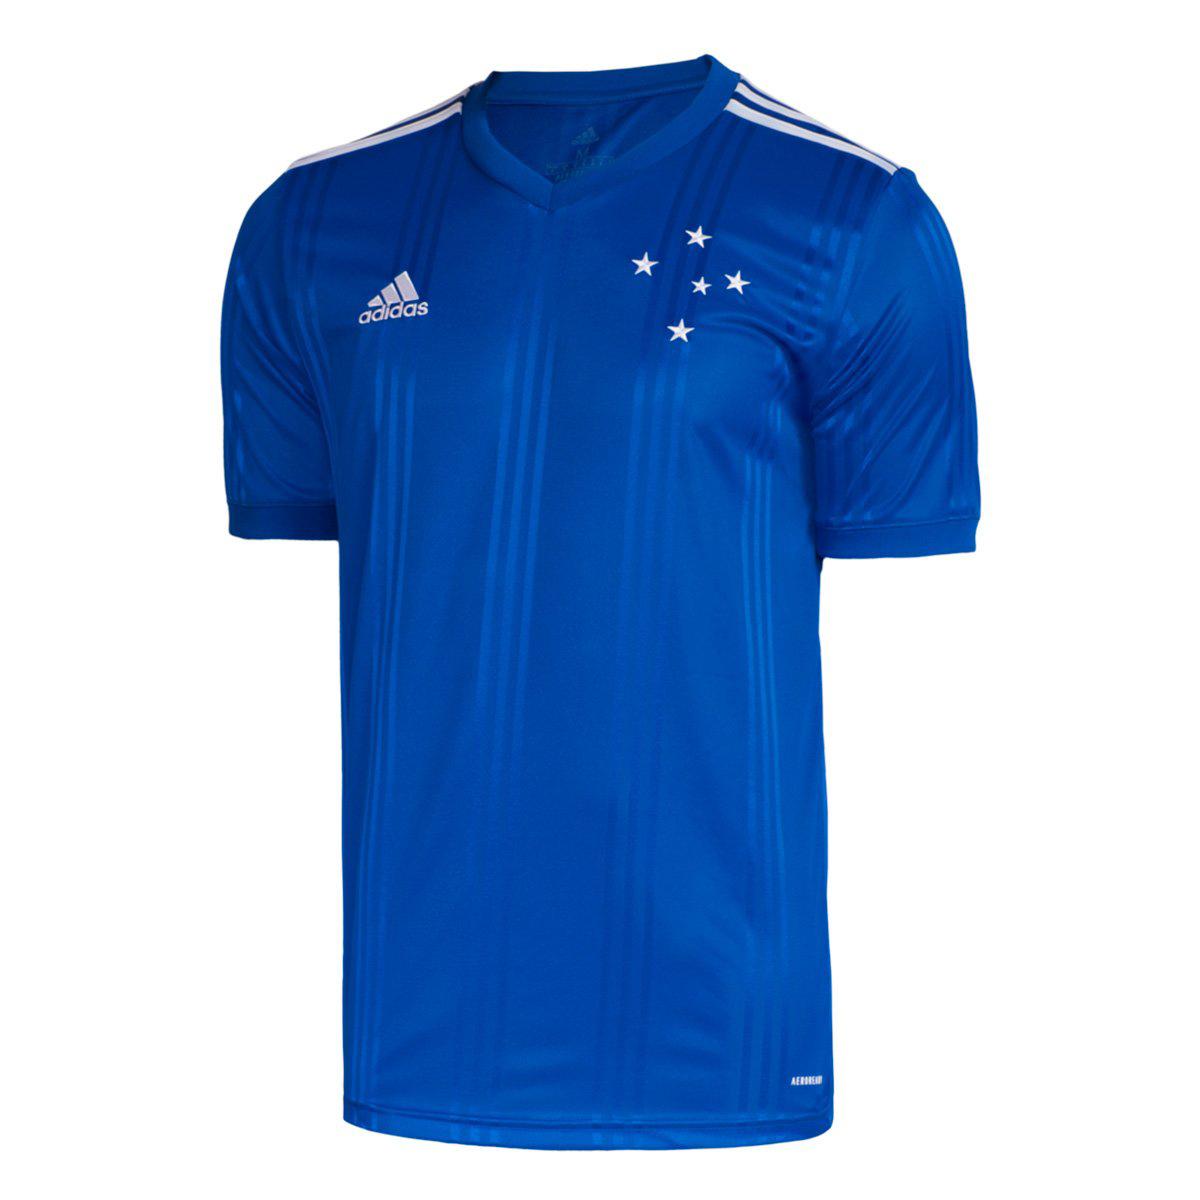 Camisa Cruzeiro I 20/21 s/nº Torcedor Adidas Masculina - Azul